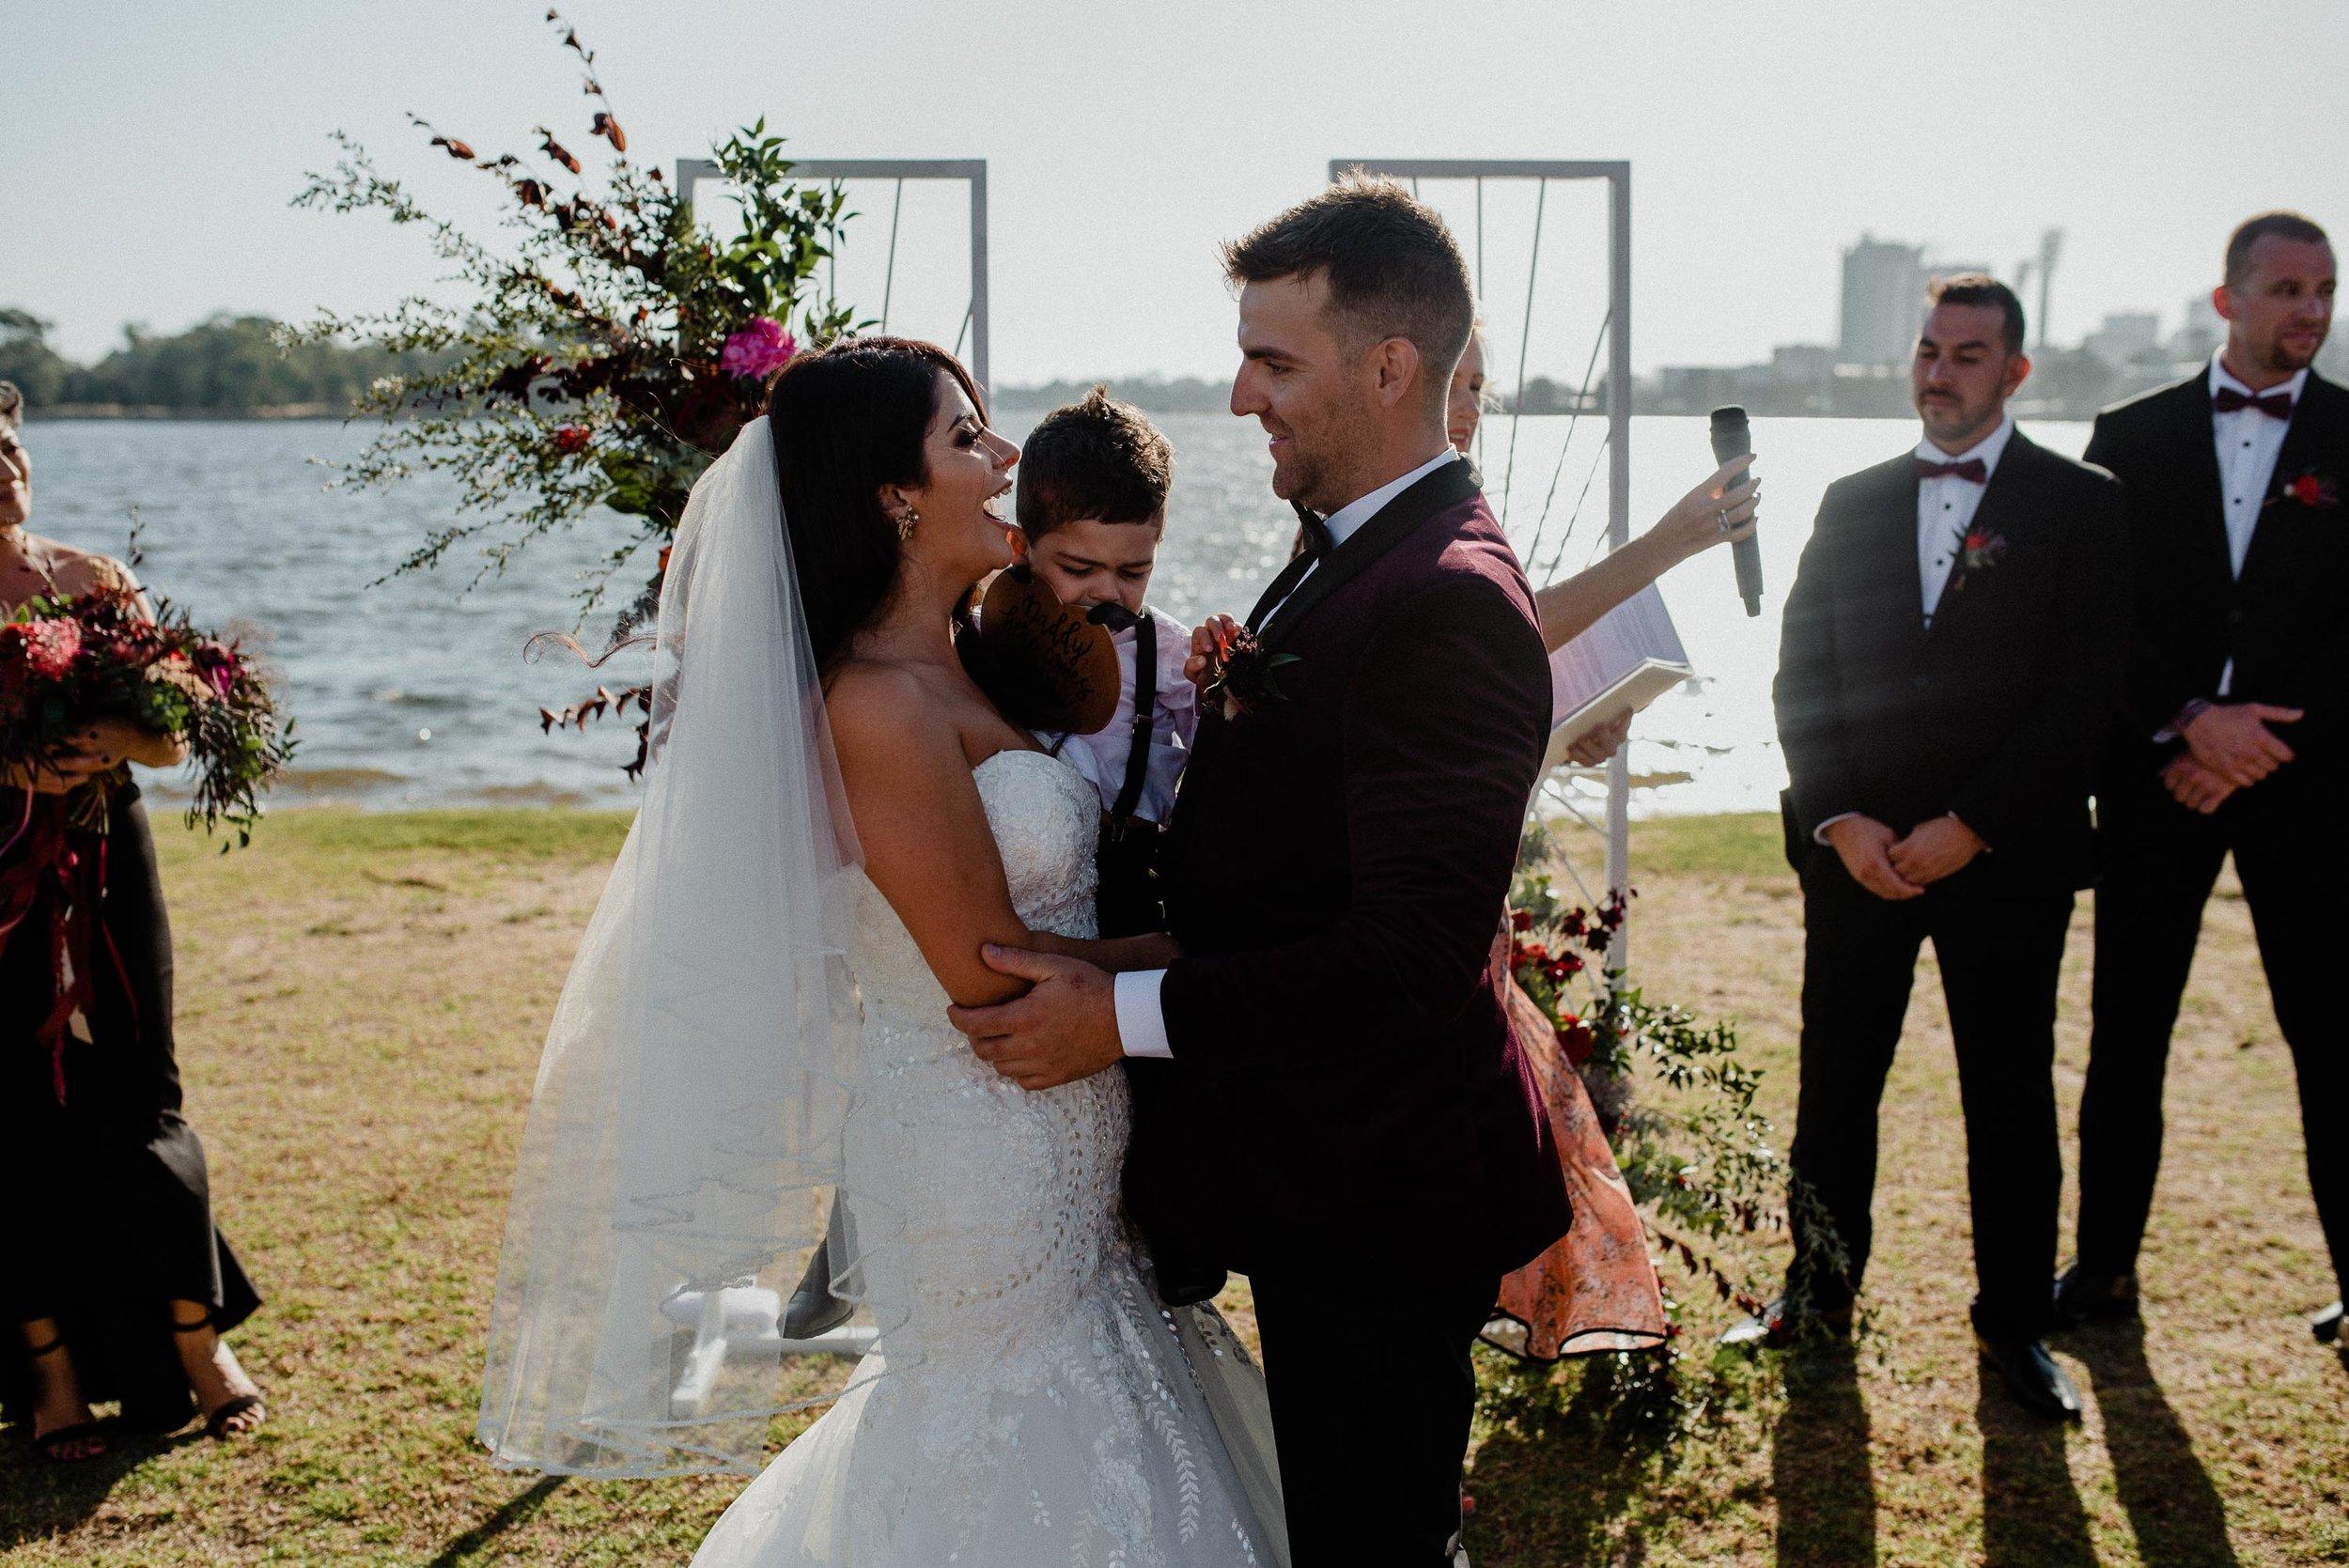 liz-adin-burswood-swan-wedding-sneaks-55.JPG